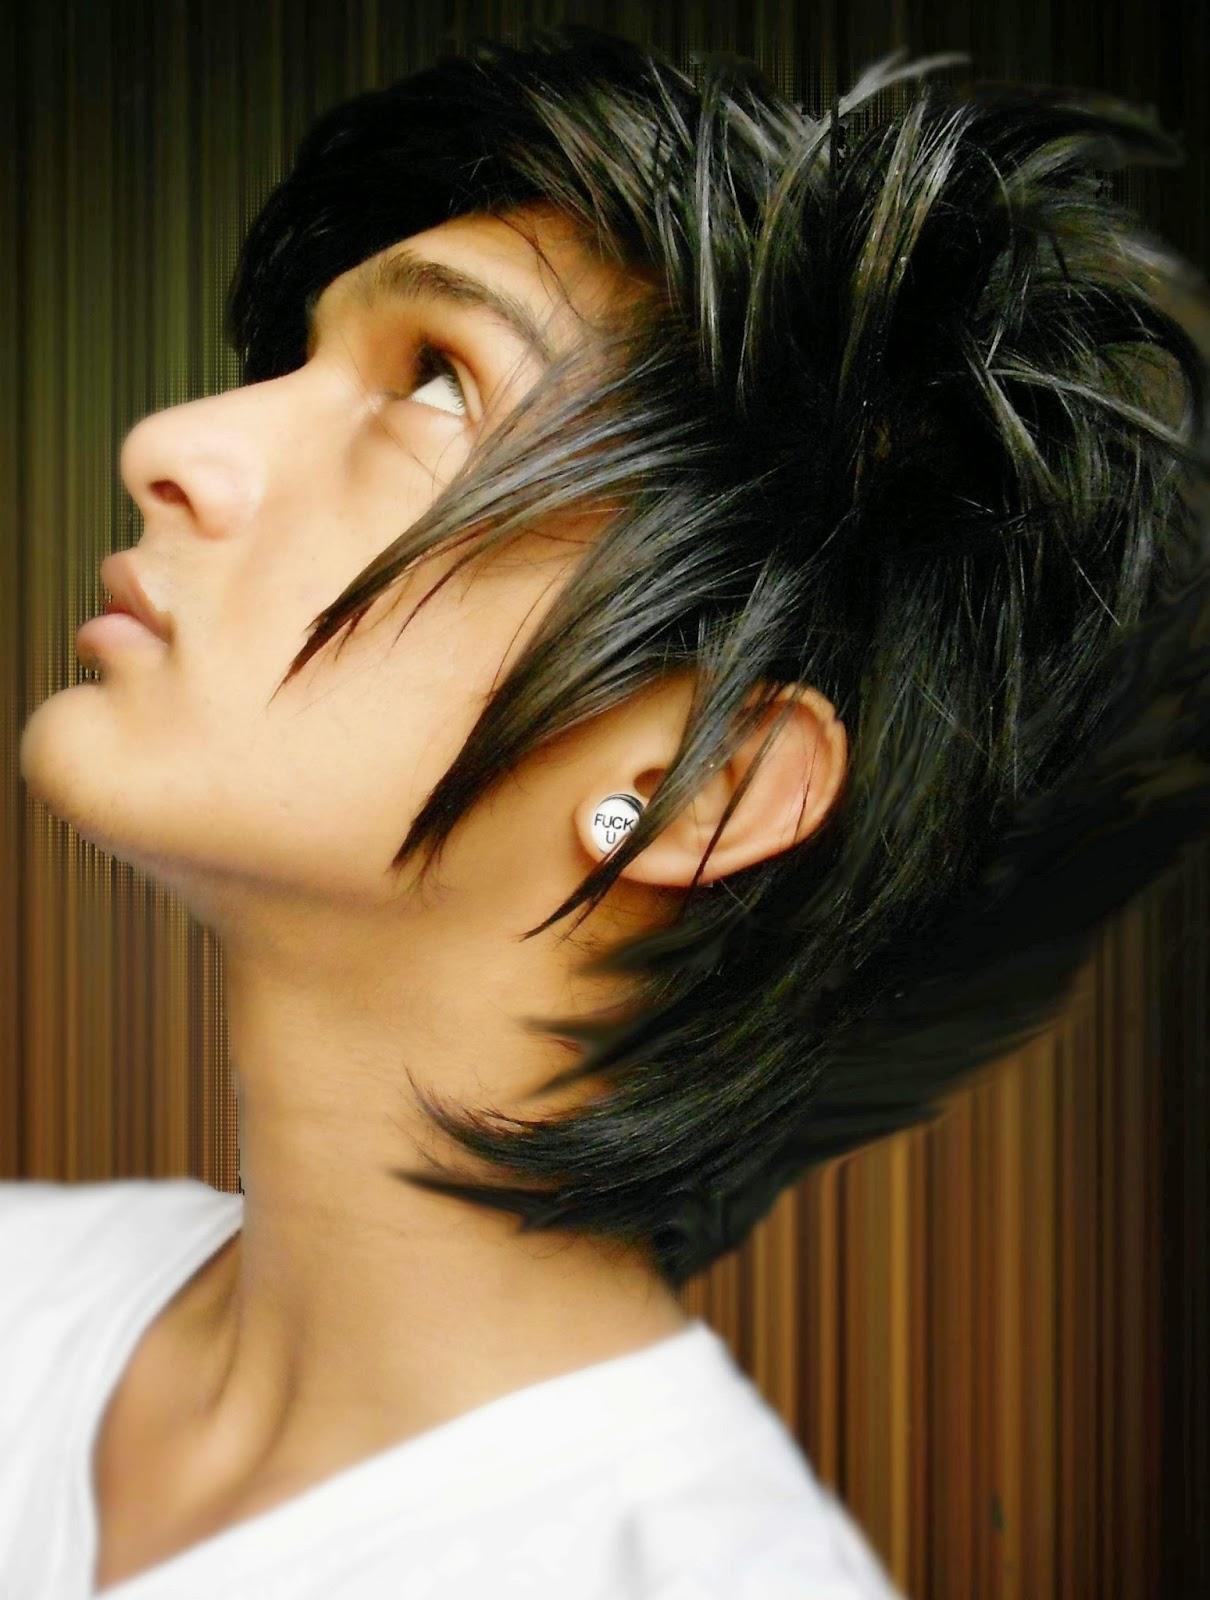 Potongan Rambut Pria Emo 7